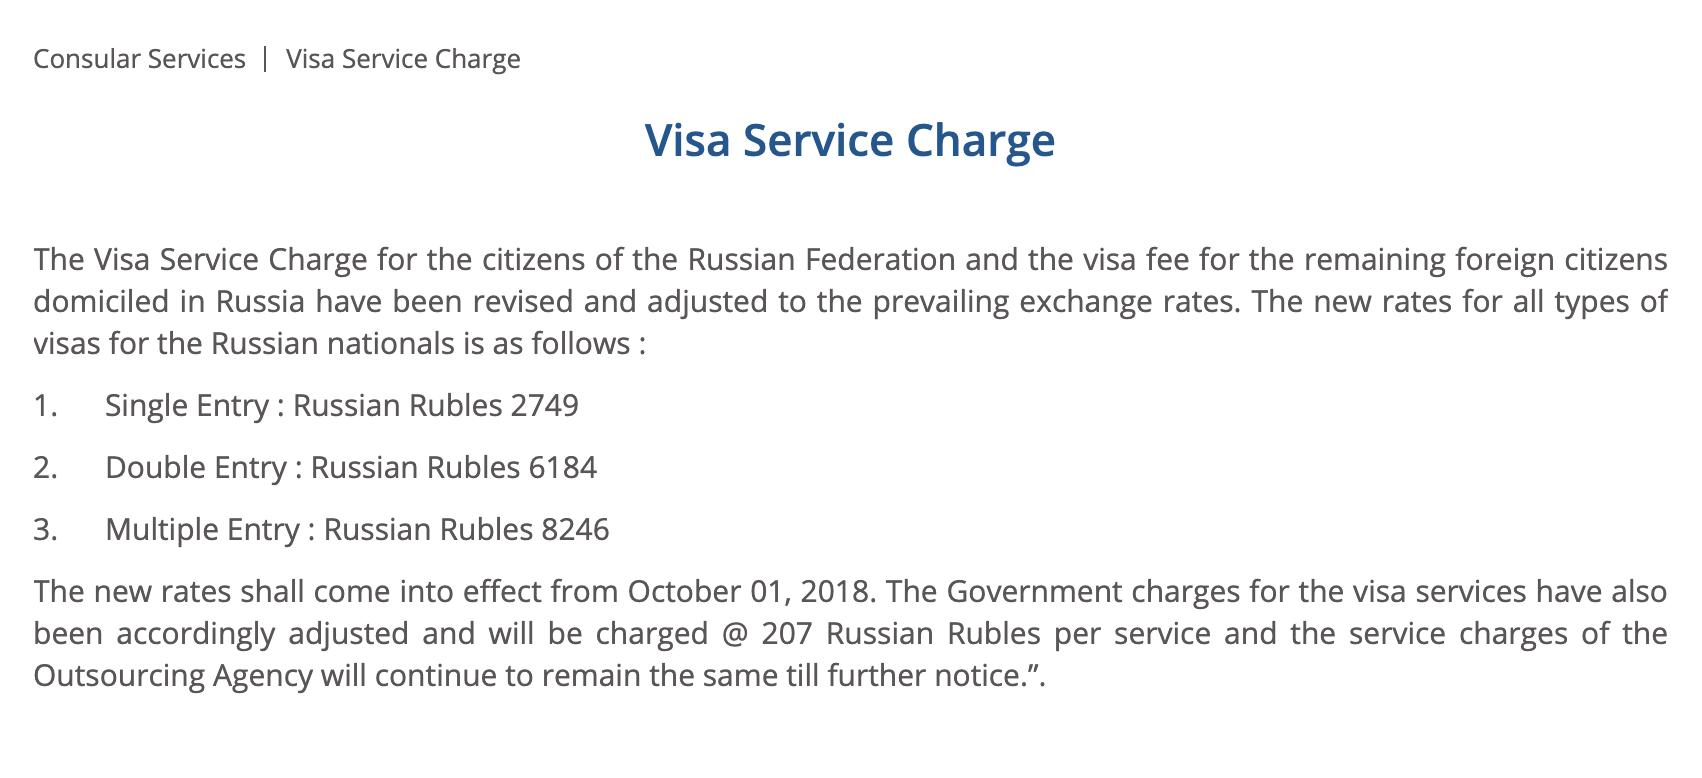 Цены на визу. Они меняются в зависимости от колебаний курса доллара. Проверяйте актуальную цену перед подачей на визу на официальном сайте консульства